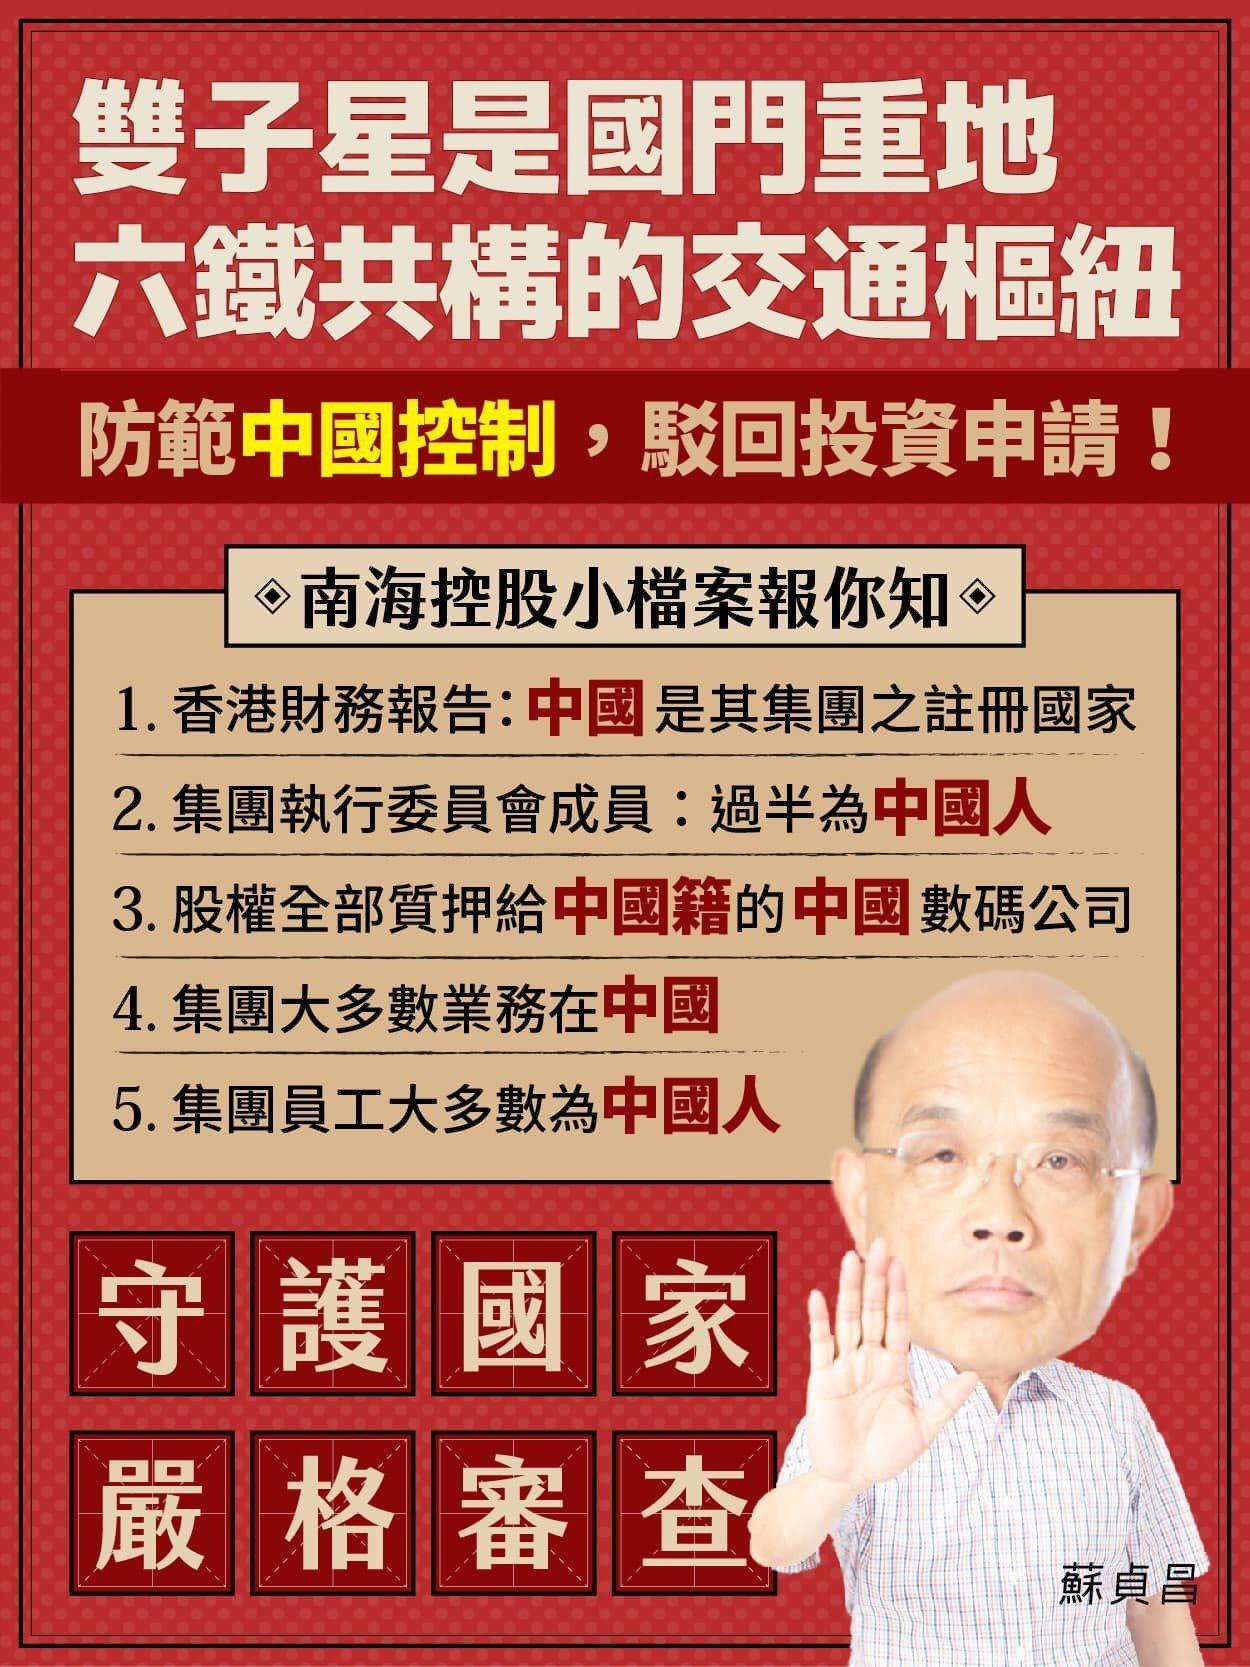 經濟部投資審議委員會昨天駁回香港商南海發展集團獲最優申請人資格的雙子星開發案,行...